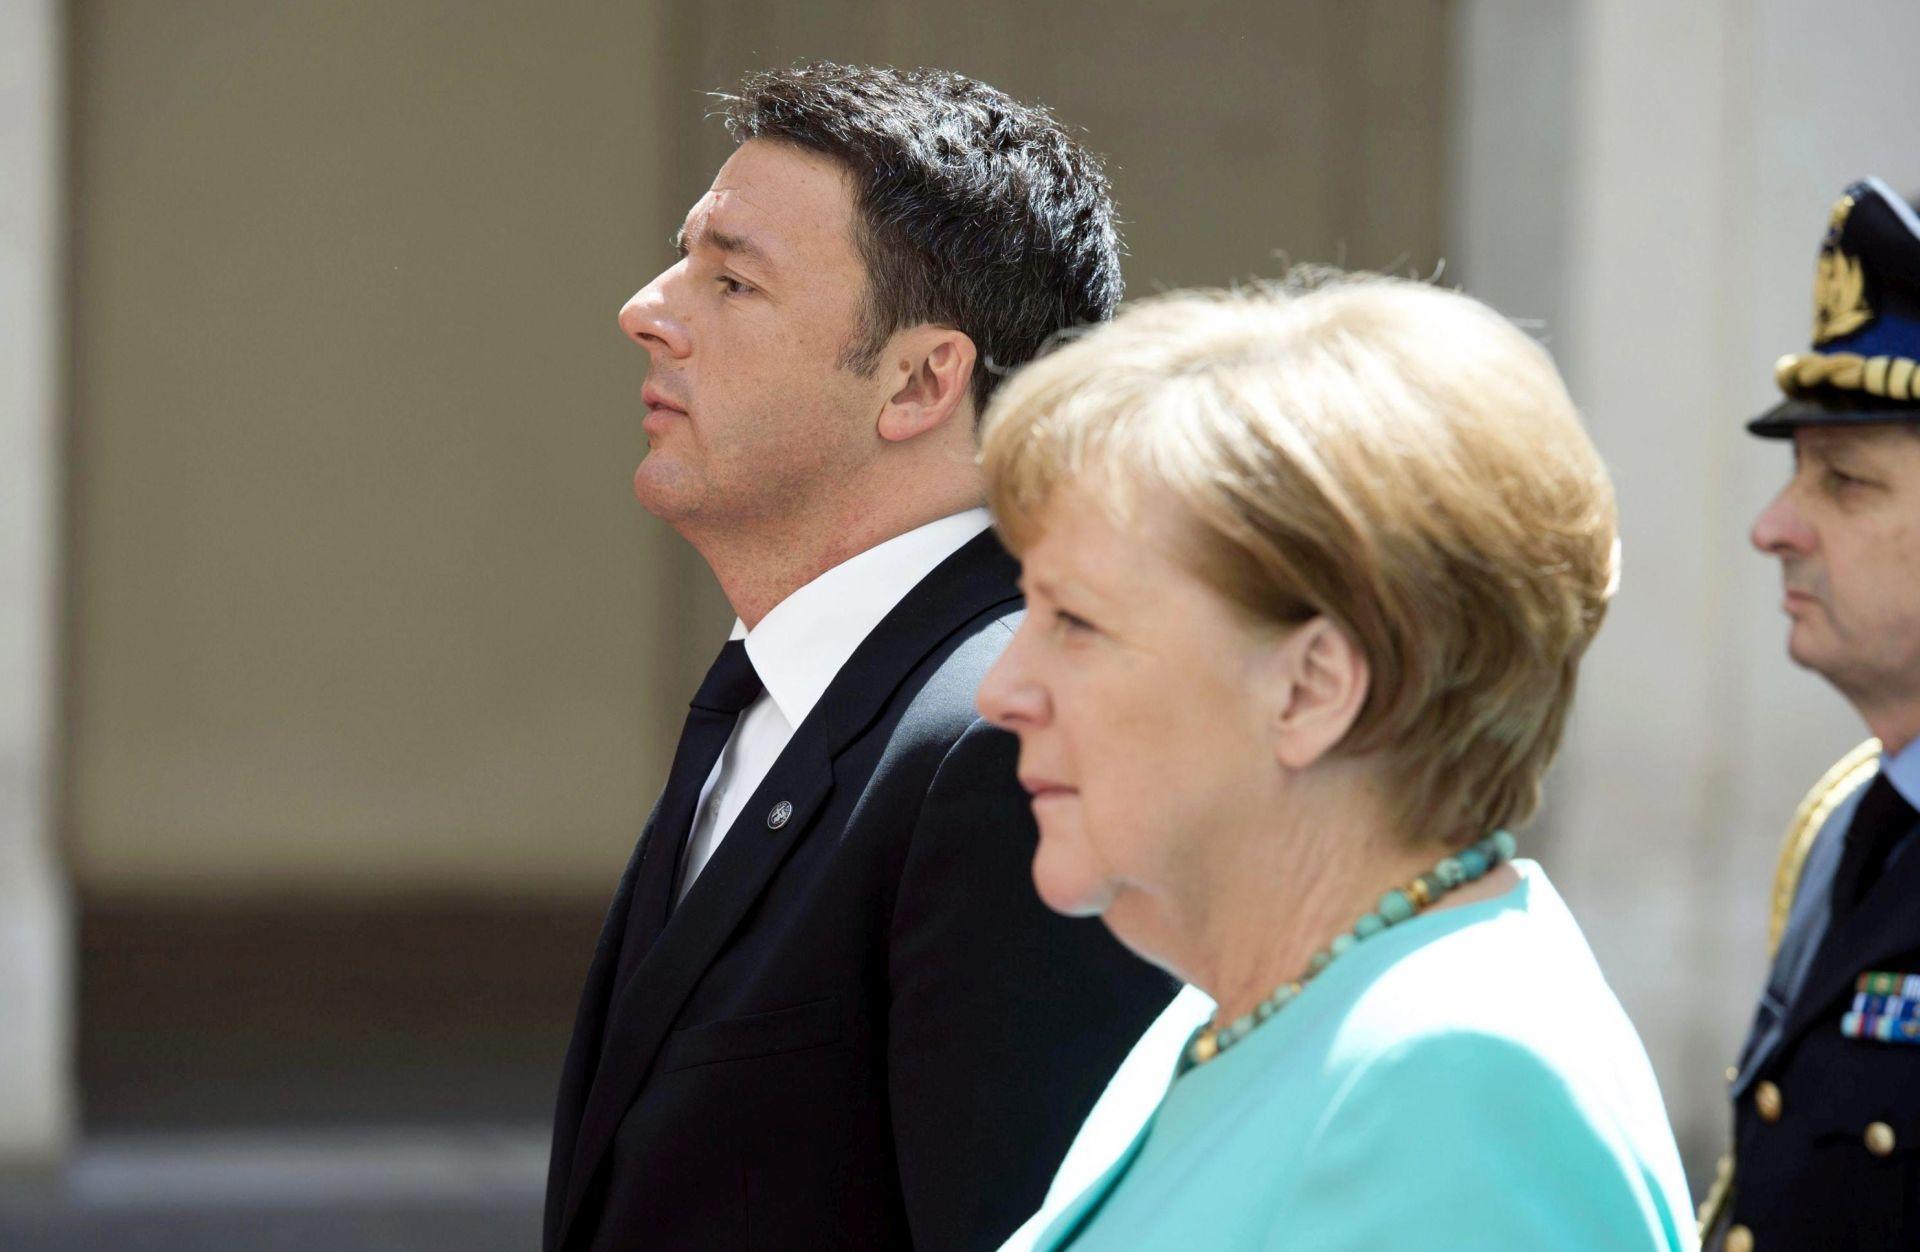 PROTIV GRADNJE OGRADE: Merkel za obranu vanjskih granica EU kako bi se spriječio povratak nacionalizama